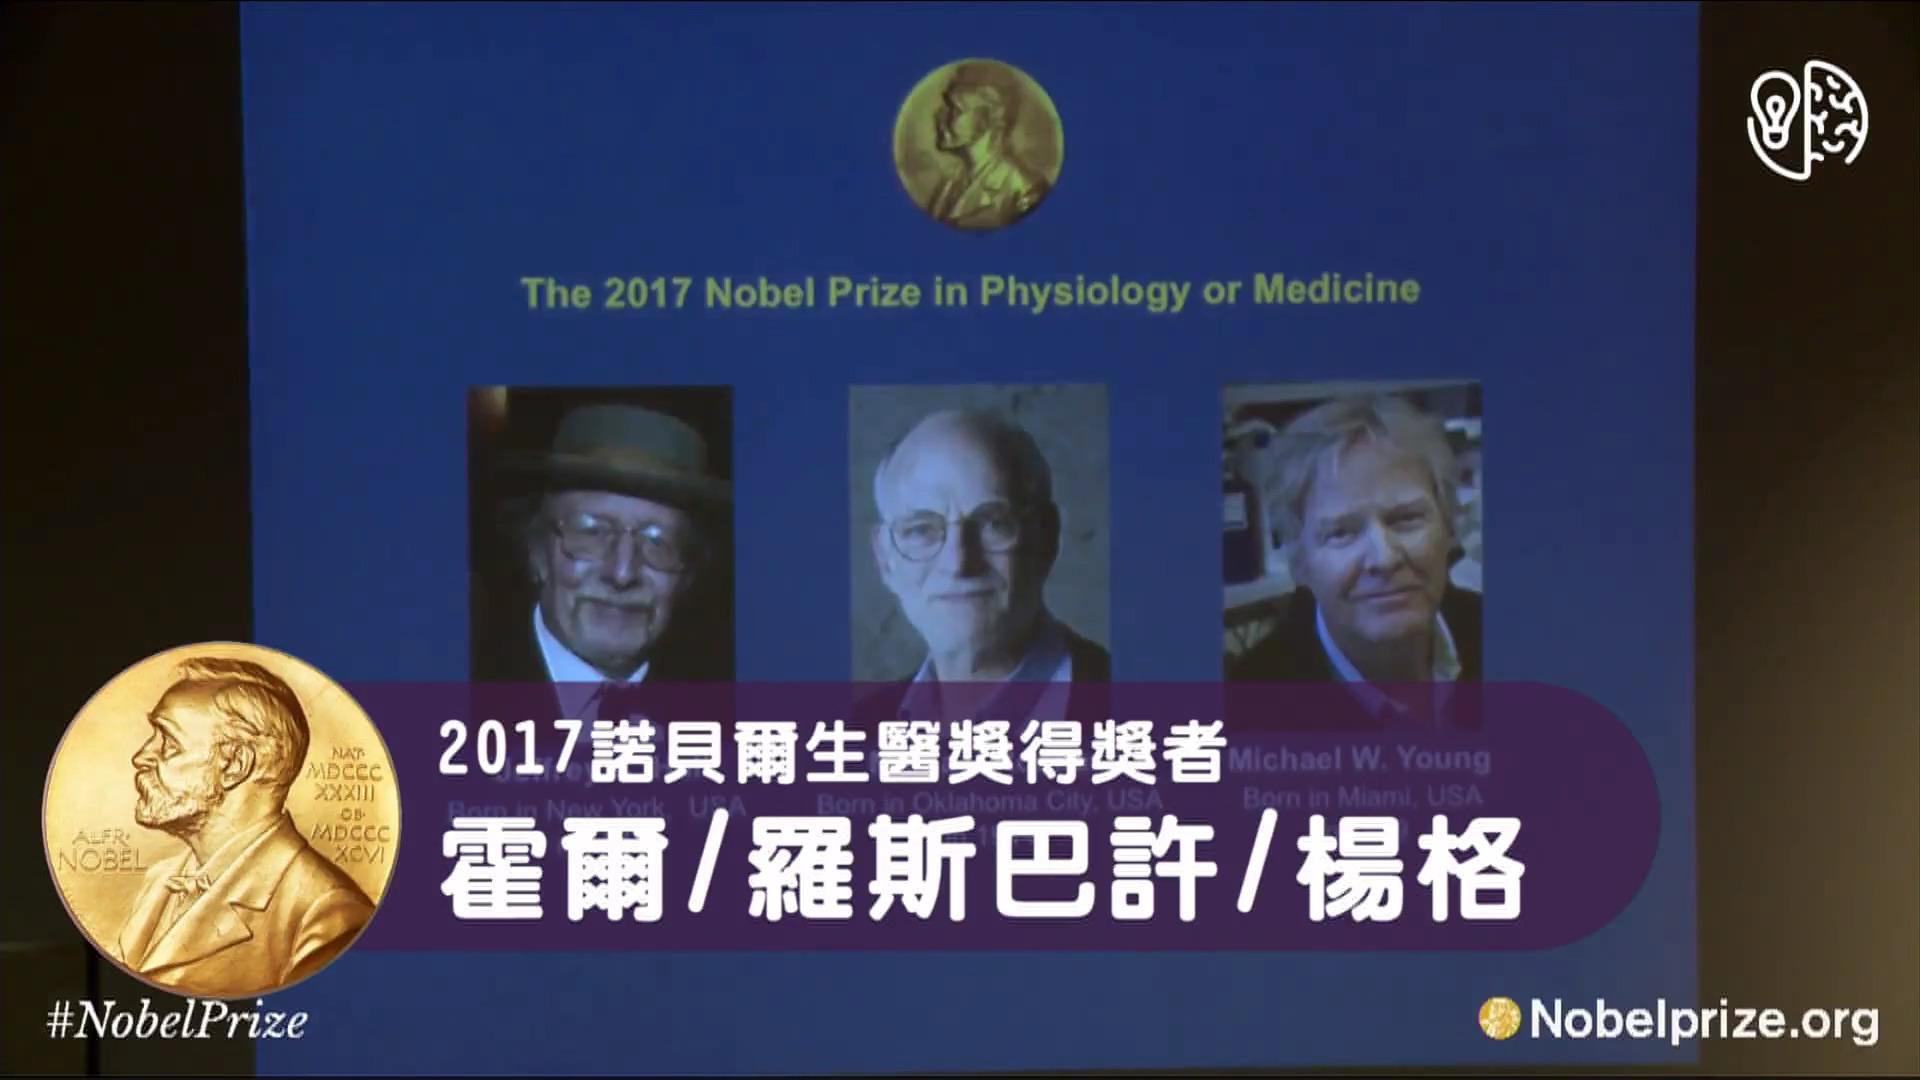 2017年的諾貝爾生醫獎得主肖像